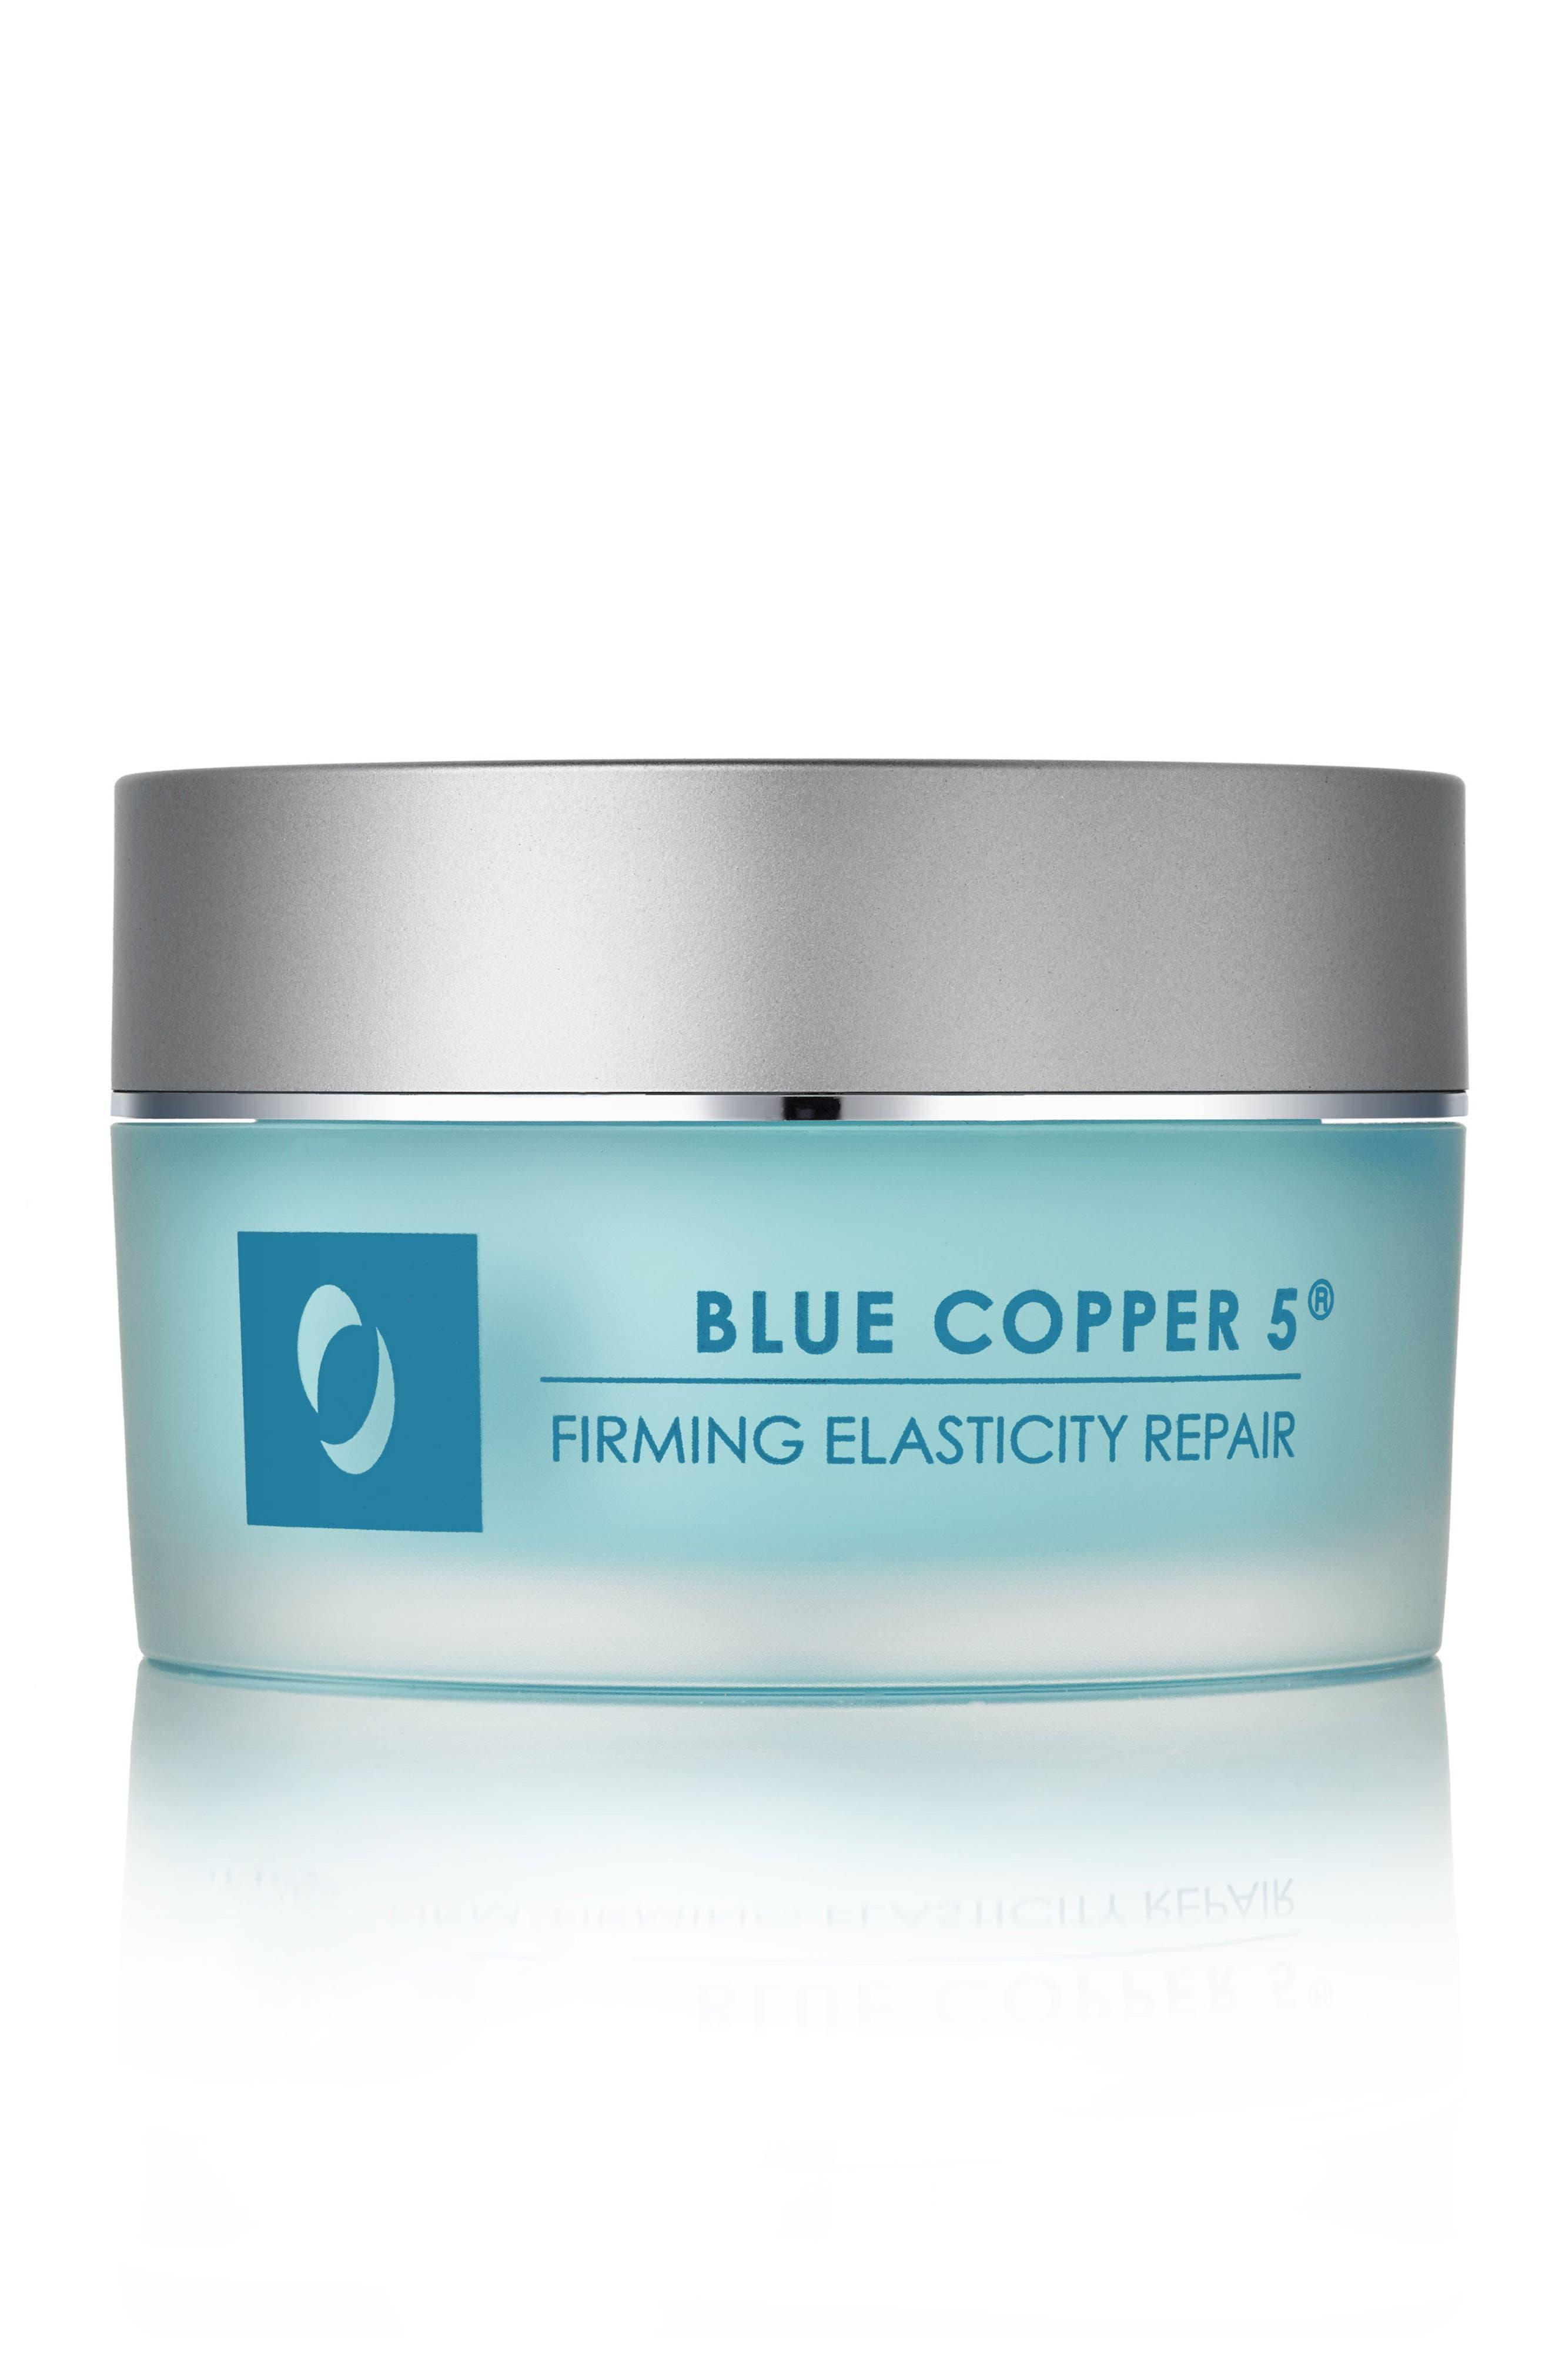 Blue Copper 5 Firming Elasticity Repair,                         Main,                         color, No Color